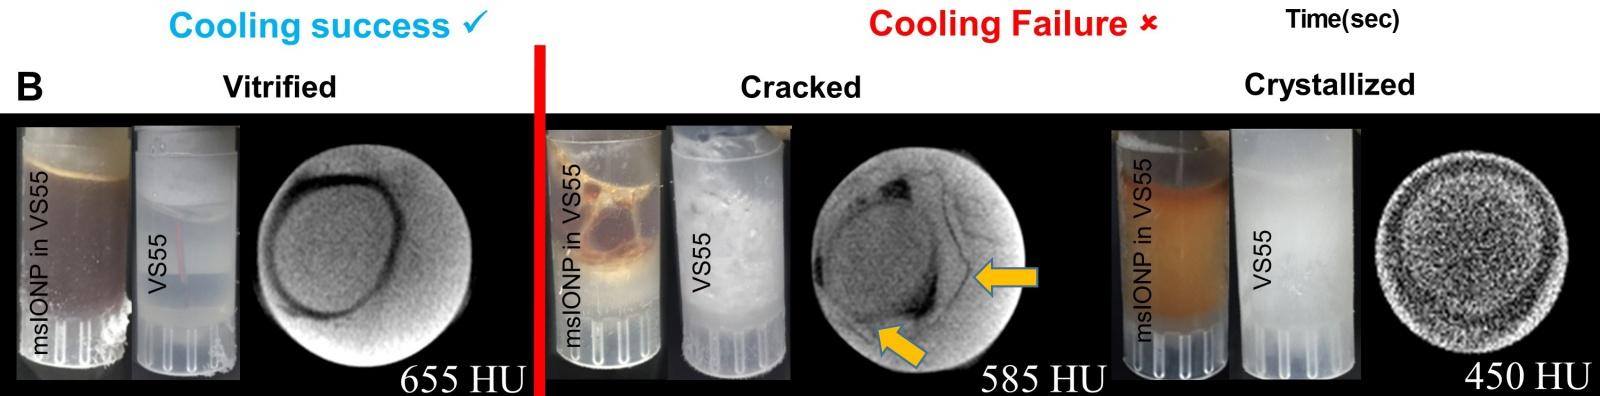 Исследователи разработали технологию быстрой разморозки криоконсервированной ткани - 3